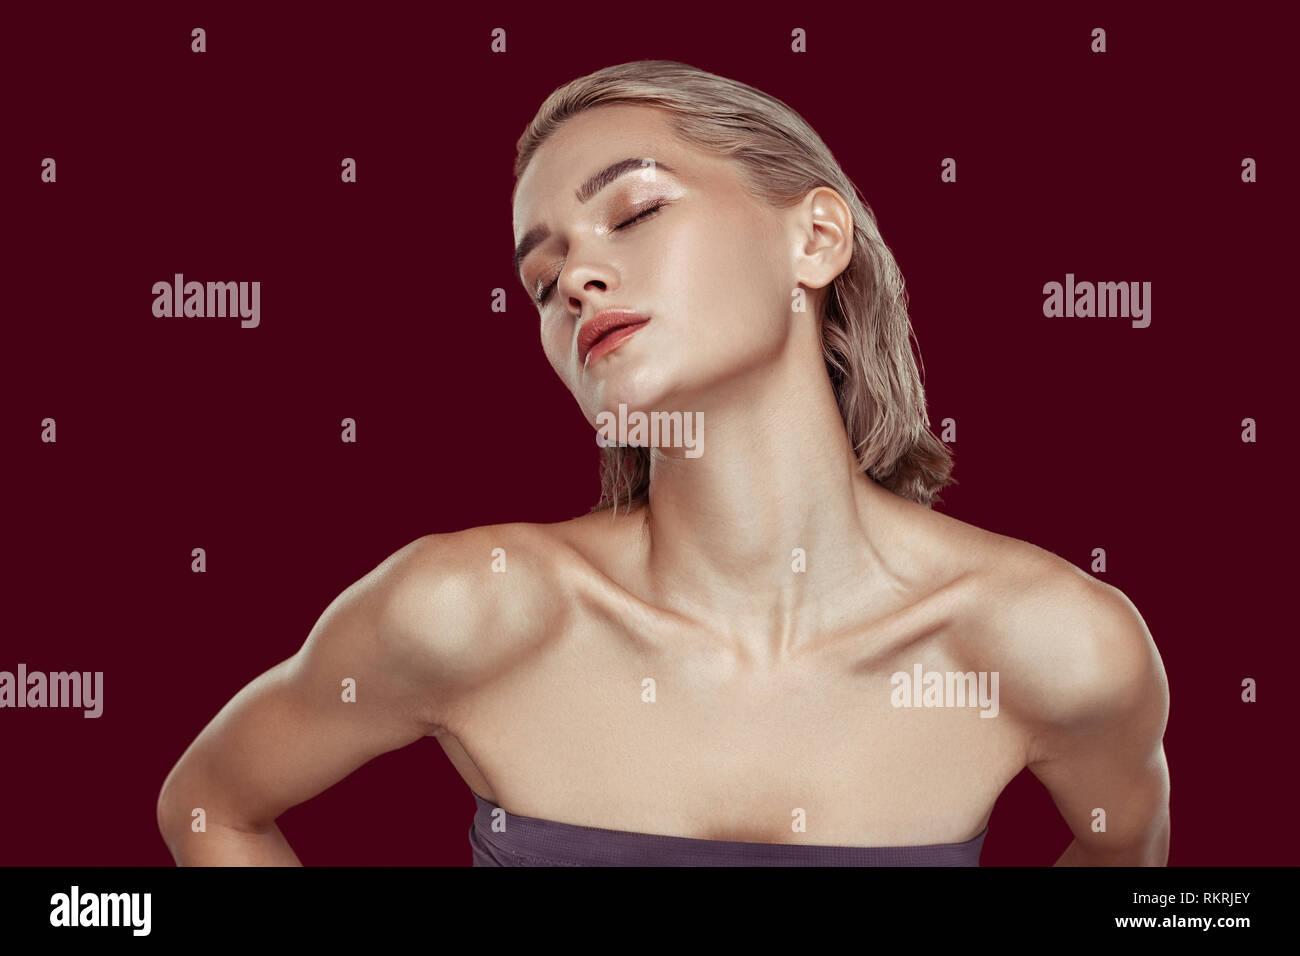 Blonde-haired model having sensitive feelings while posing - Stock Image